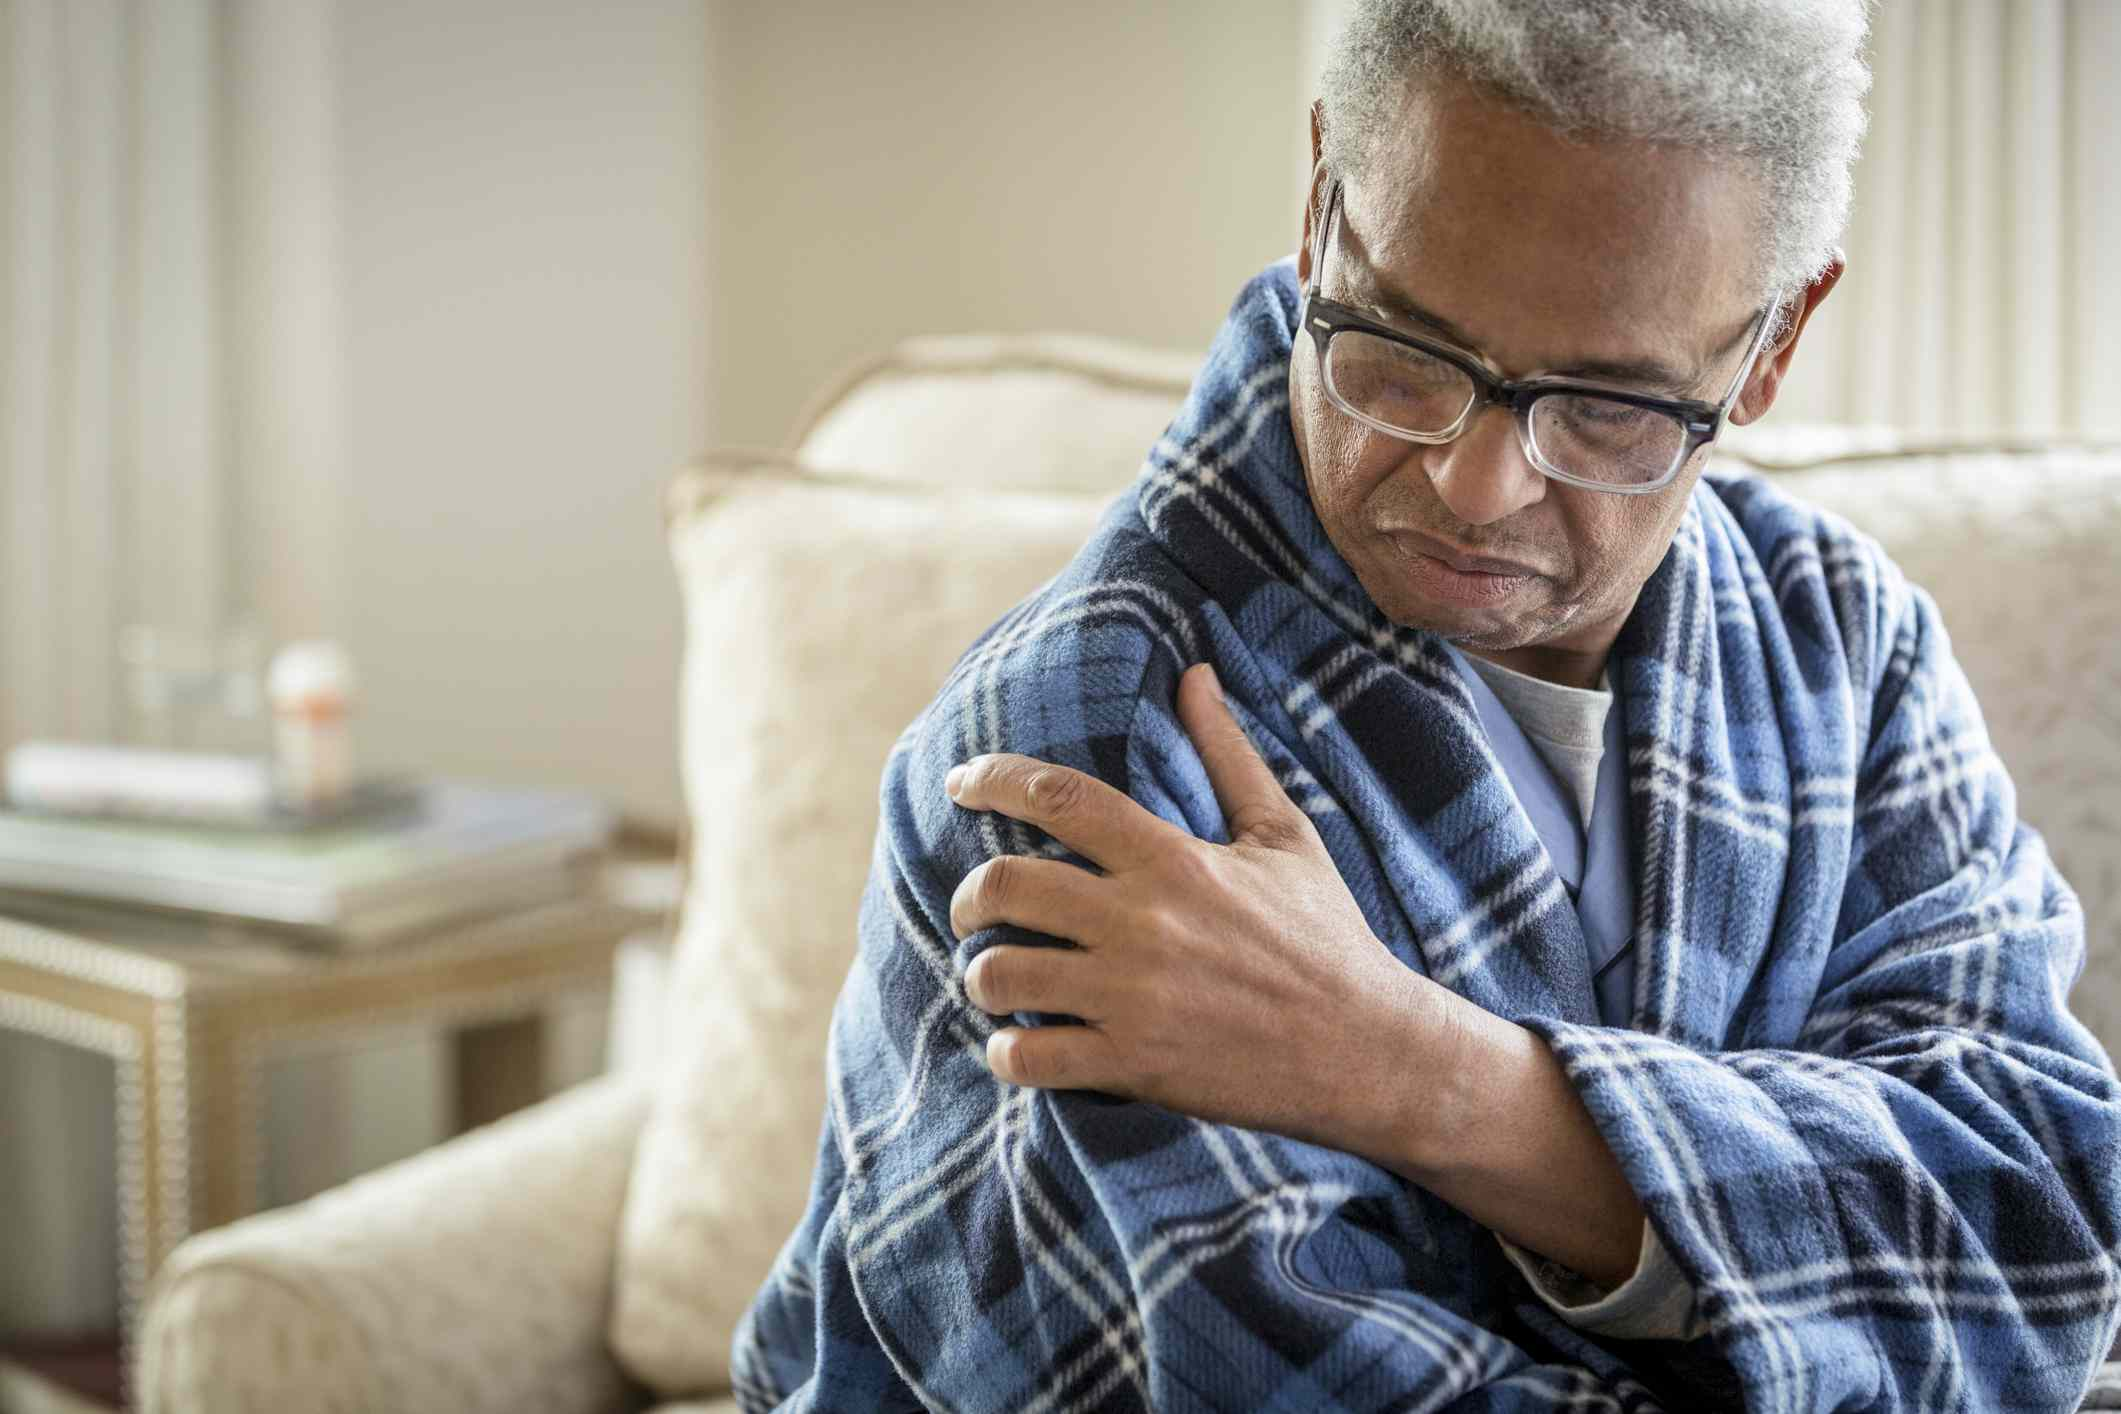 A man rubbing his shoulder